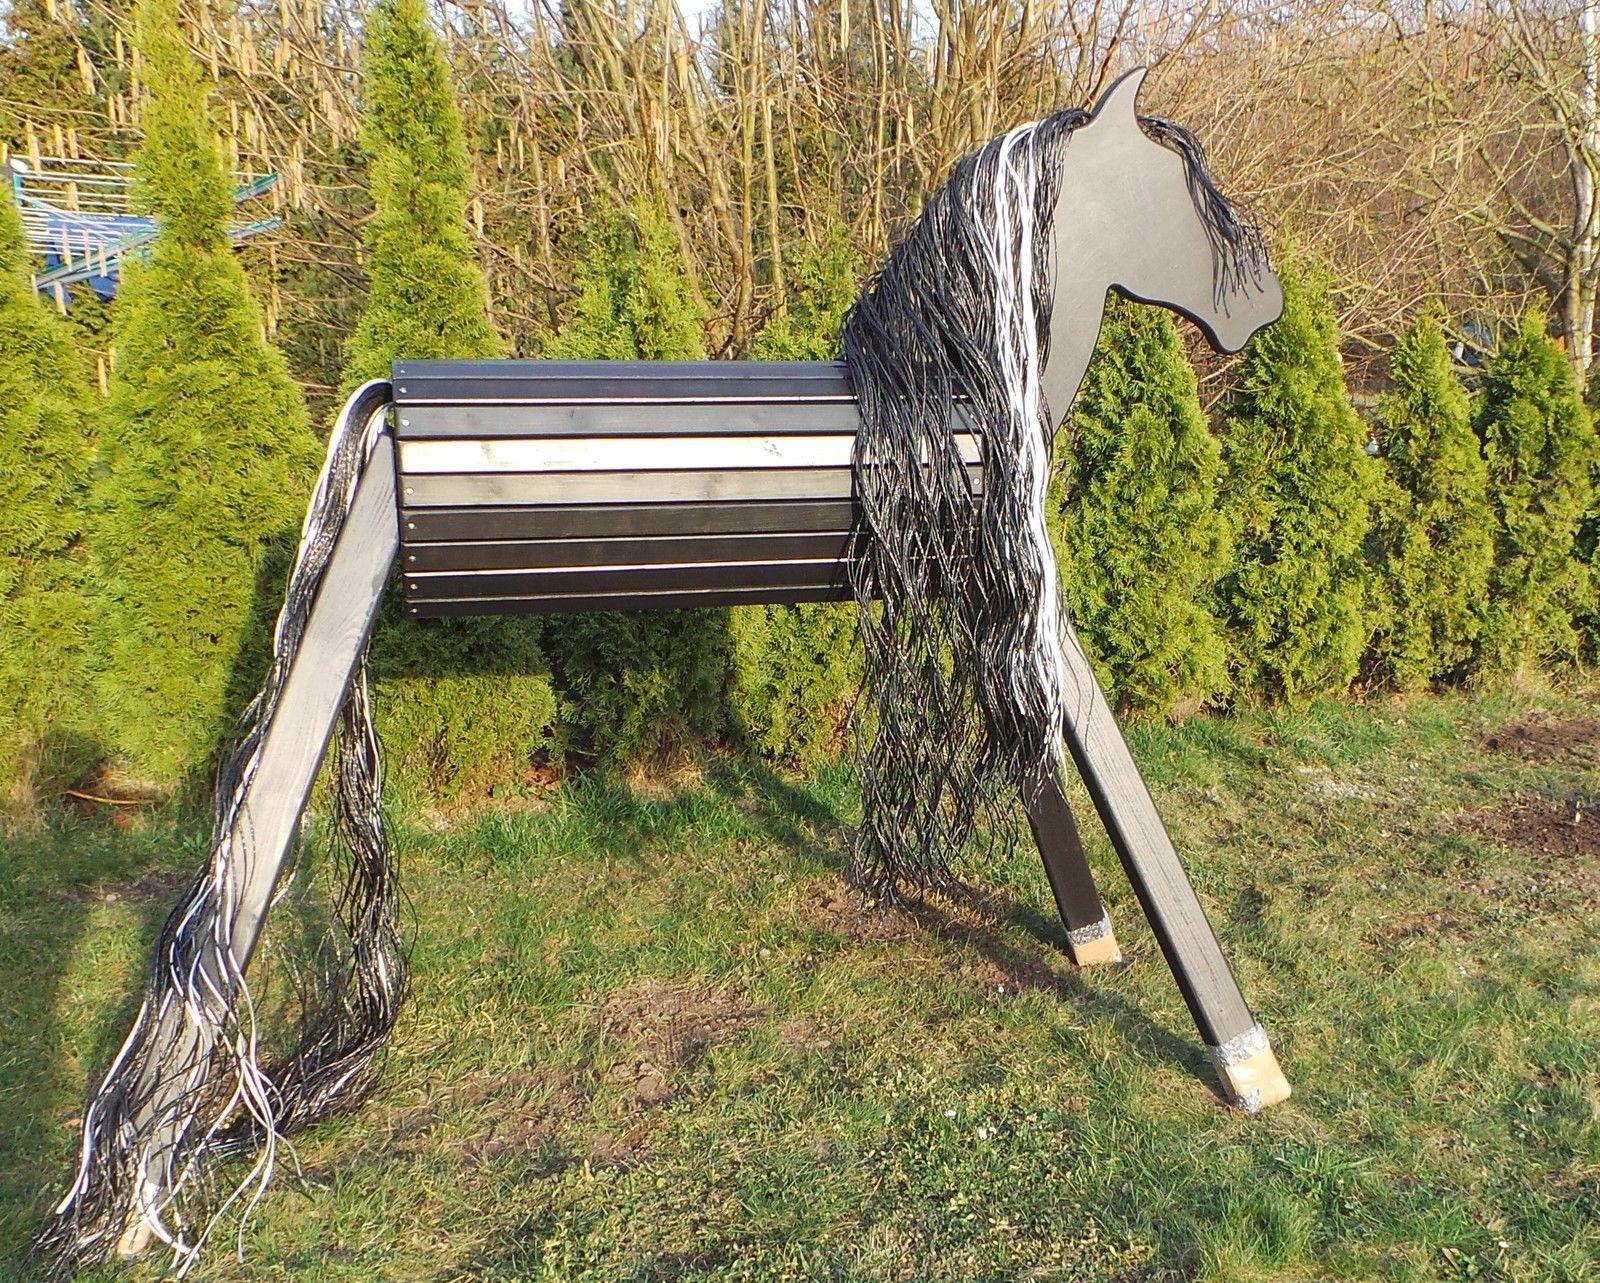 holzpferd holzpony voltigierpferd rappe pferd pony schwarz black